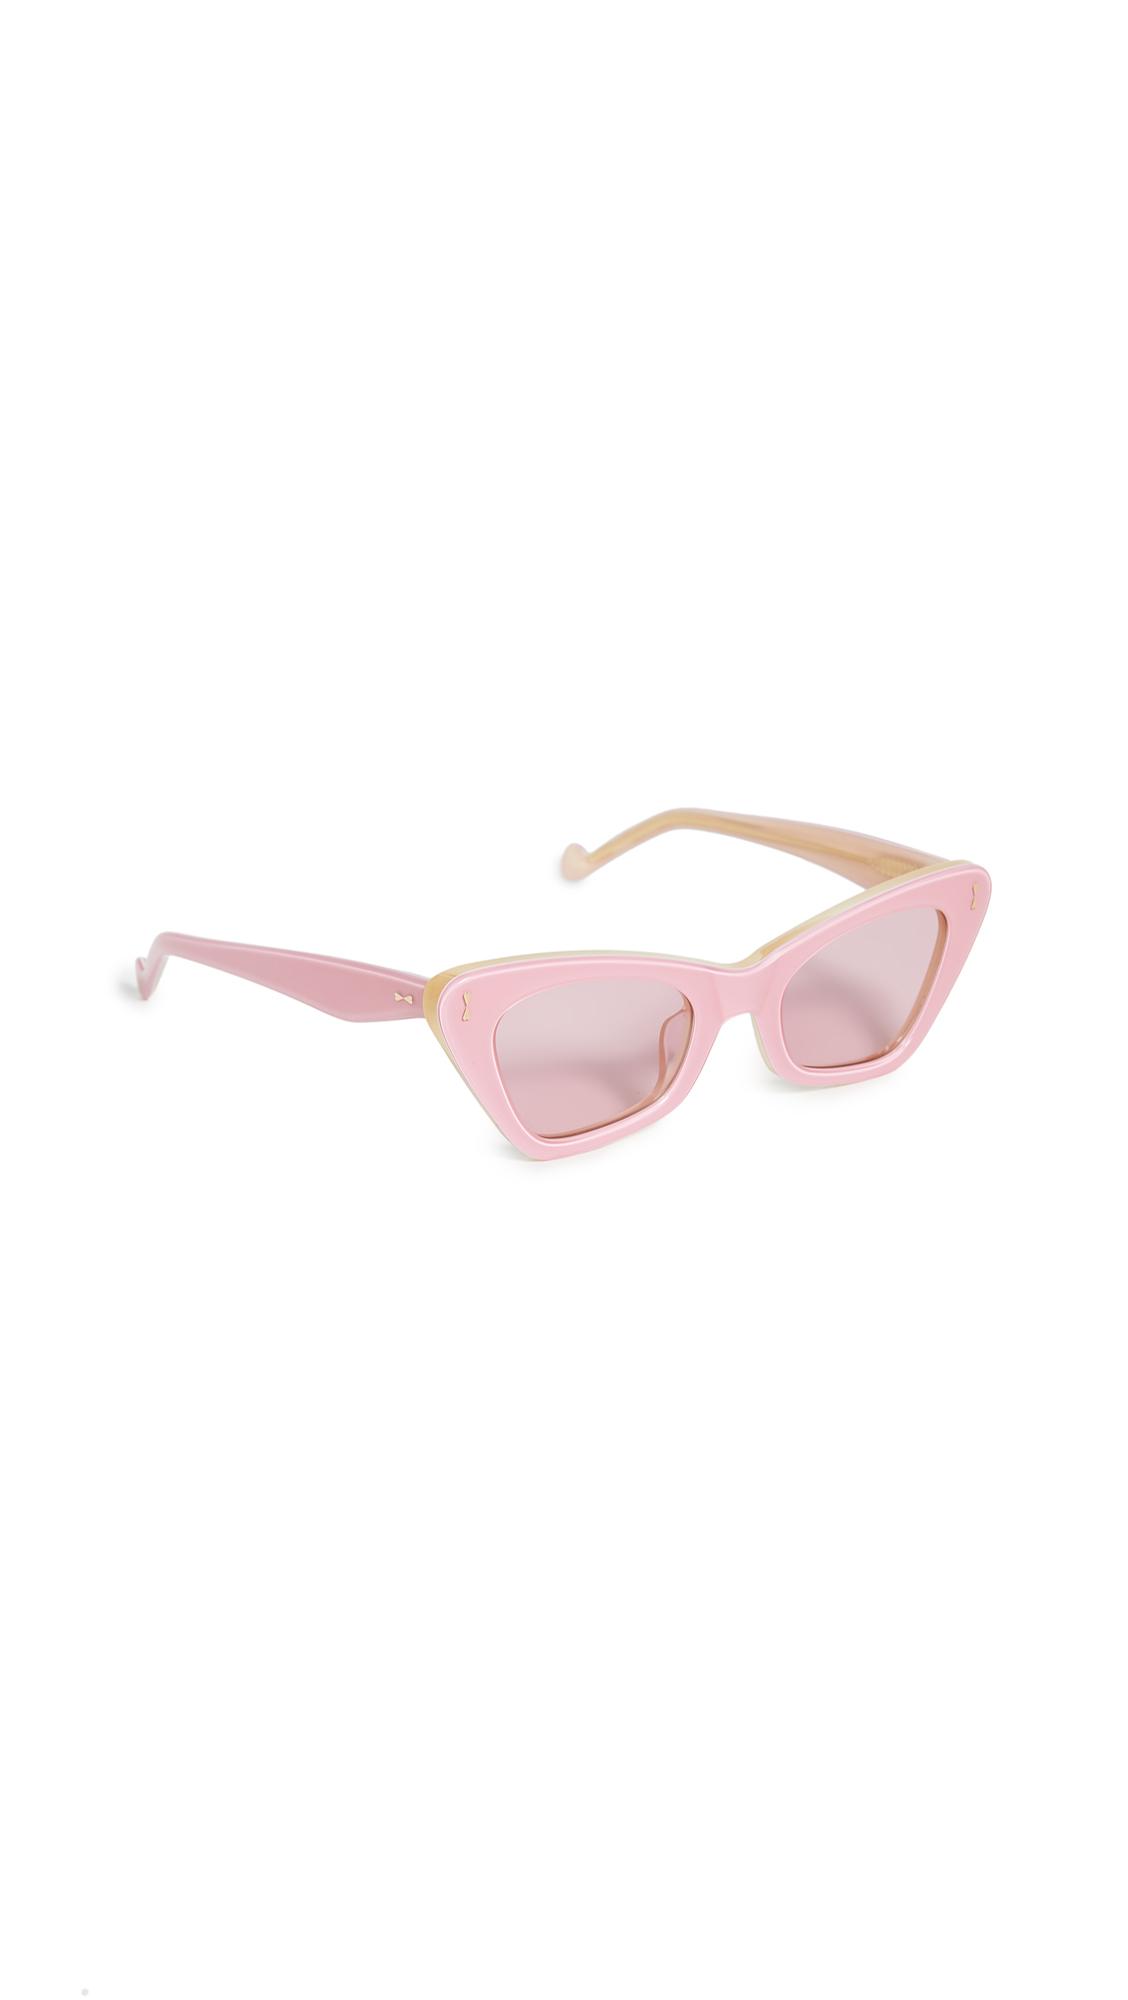 Zimmermann Tallow Sunglasses - Blossom Pink